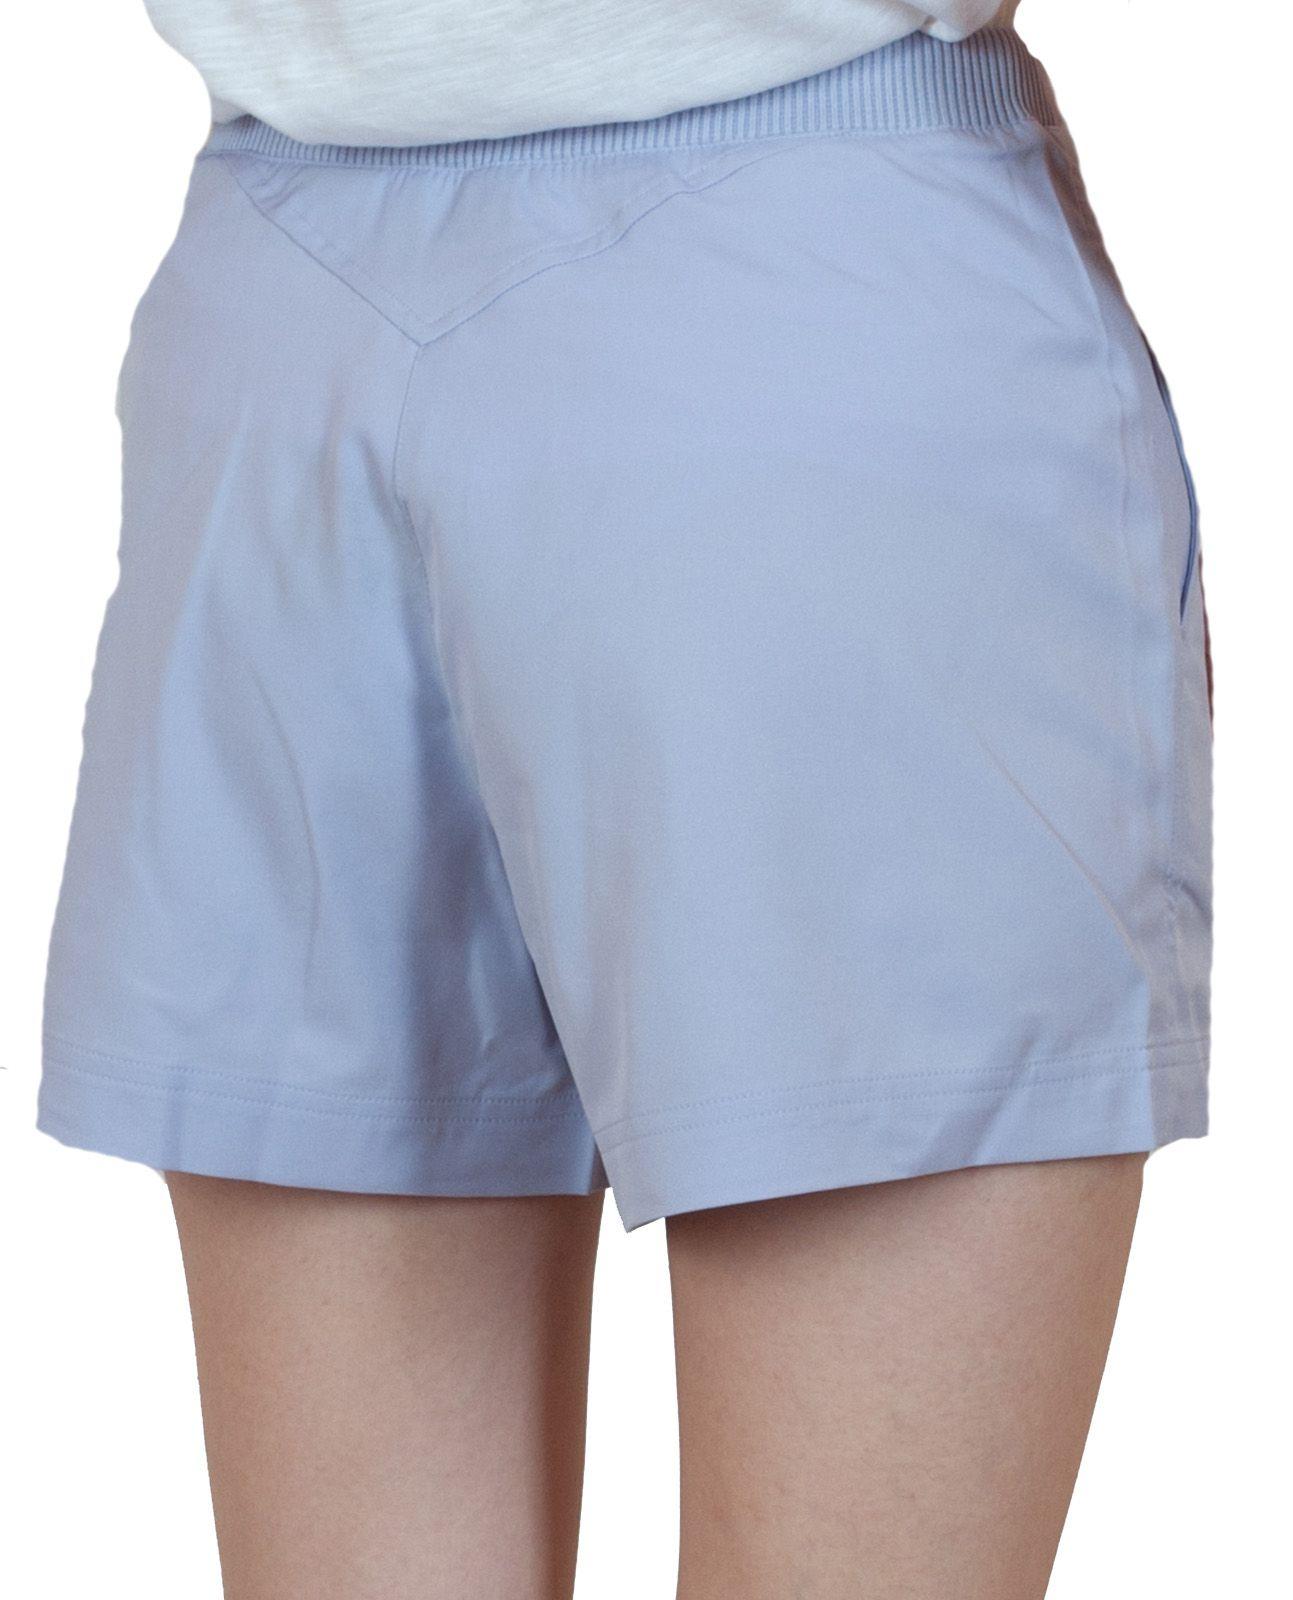 Женские шортики светло-голубого цвета - вид сзади